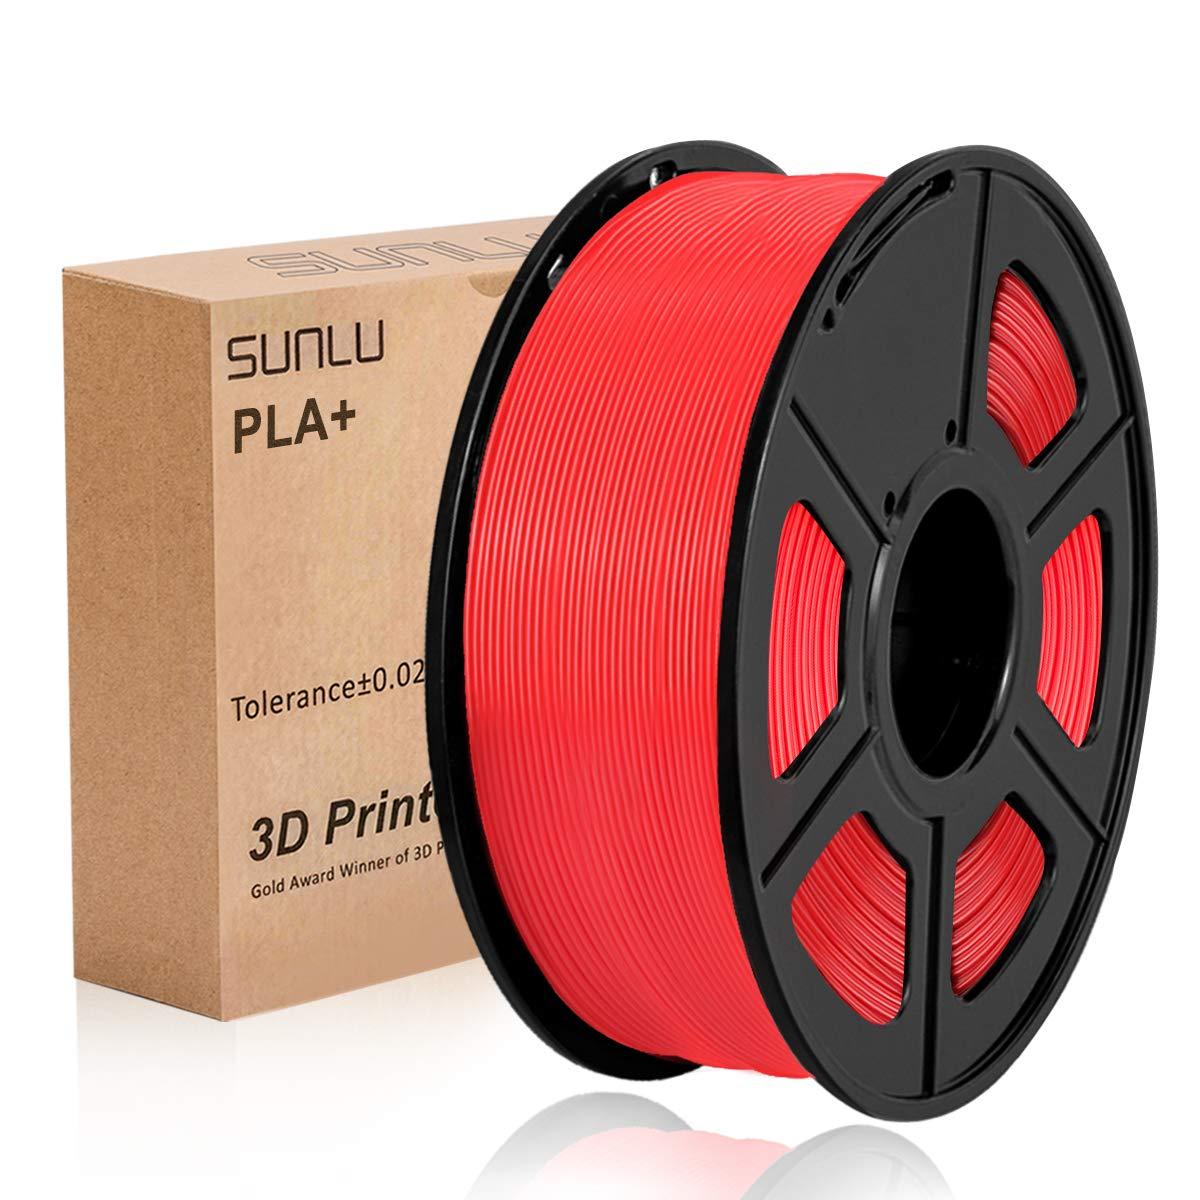 1KG 3D Printing Filament Low Odor Blue PLA+ /… 1.75mm PLA Filament Dimensional Accuracy +//- 0.02 mm SUNLU 3D Printer Filament PLA Plus Spool 3D Filament 2.2 LBS